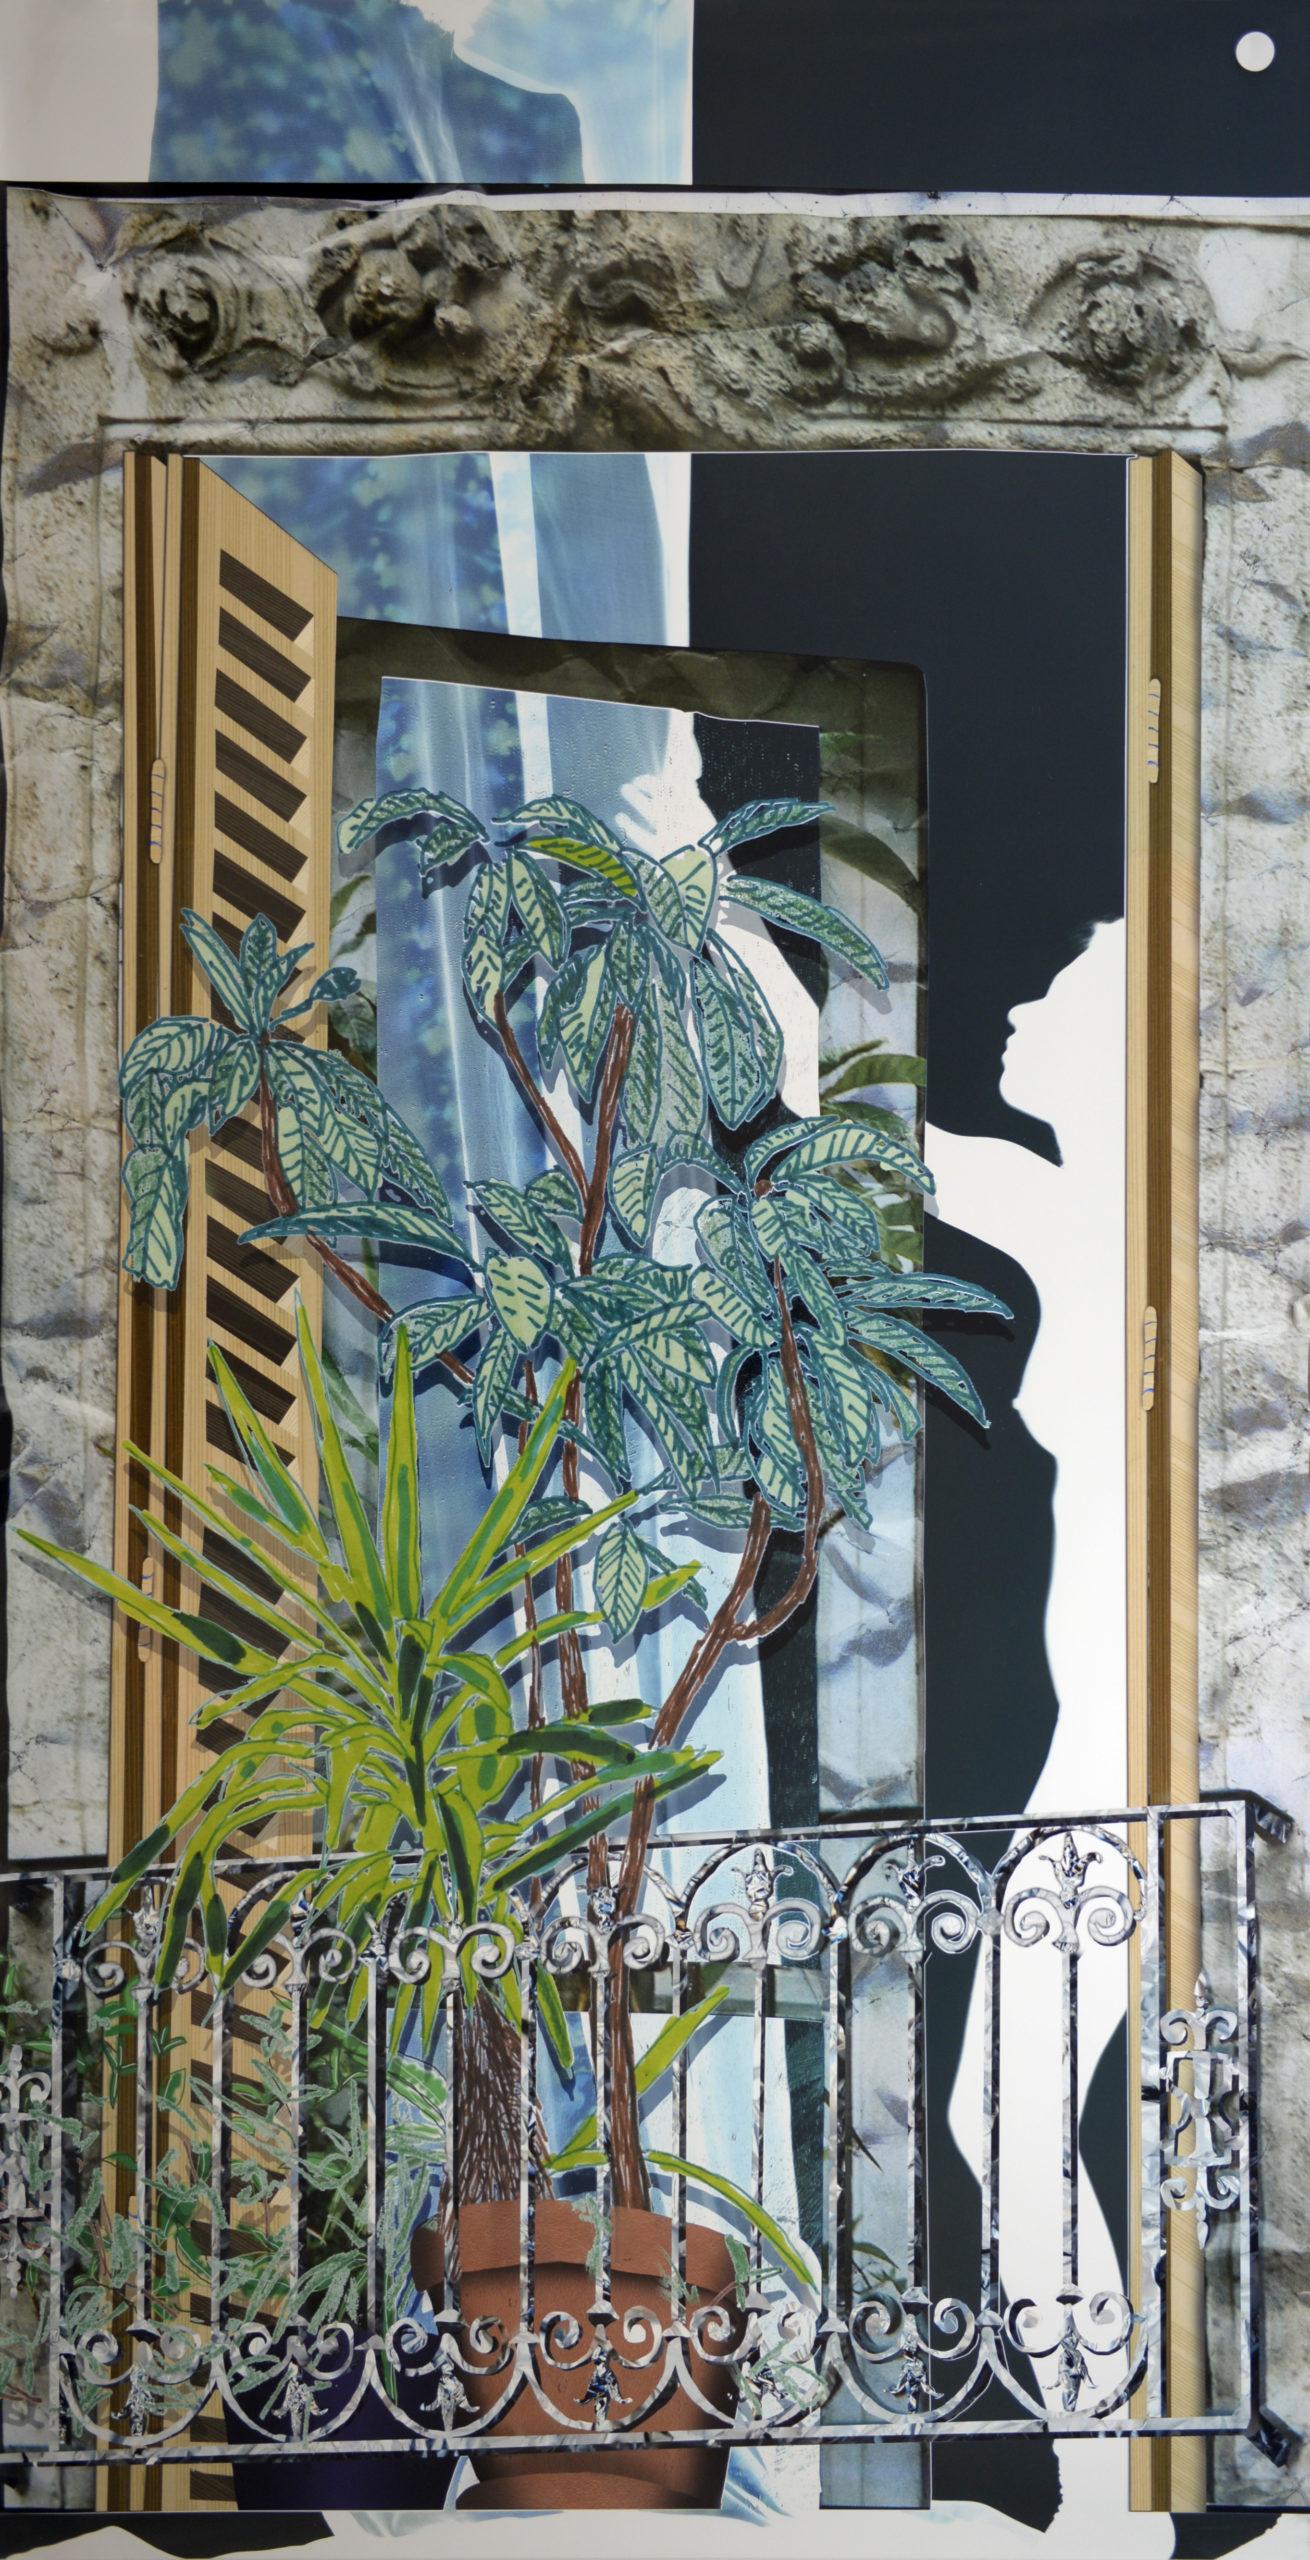 Baptiste Rabichon, «82 boulevard Saint-Marcel», série «Les Balcons», épreuve chromogène unique,  2017, 250 x 127 cm», Courtesy galerie Paris-Beijing, Paris.